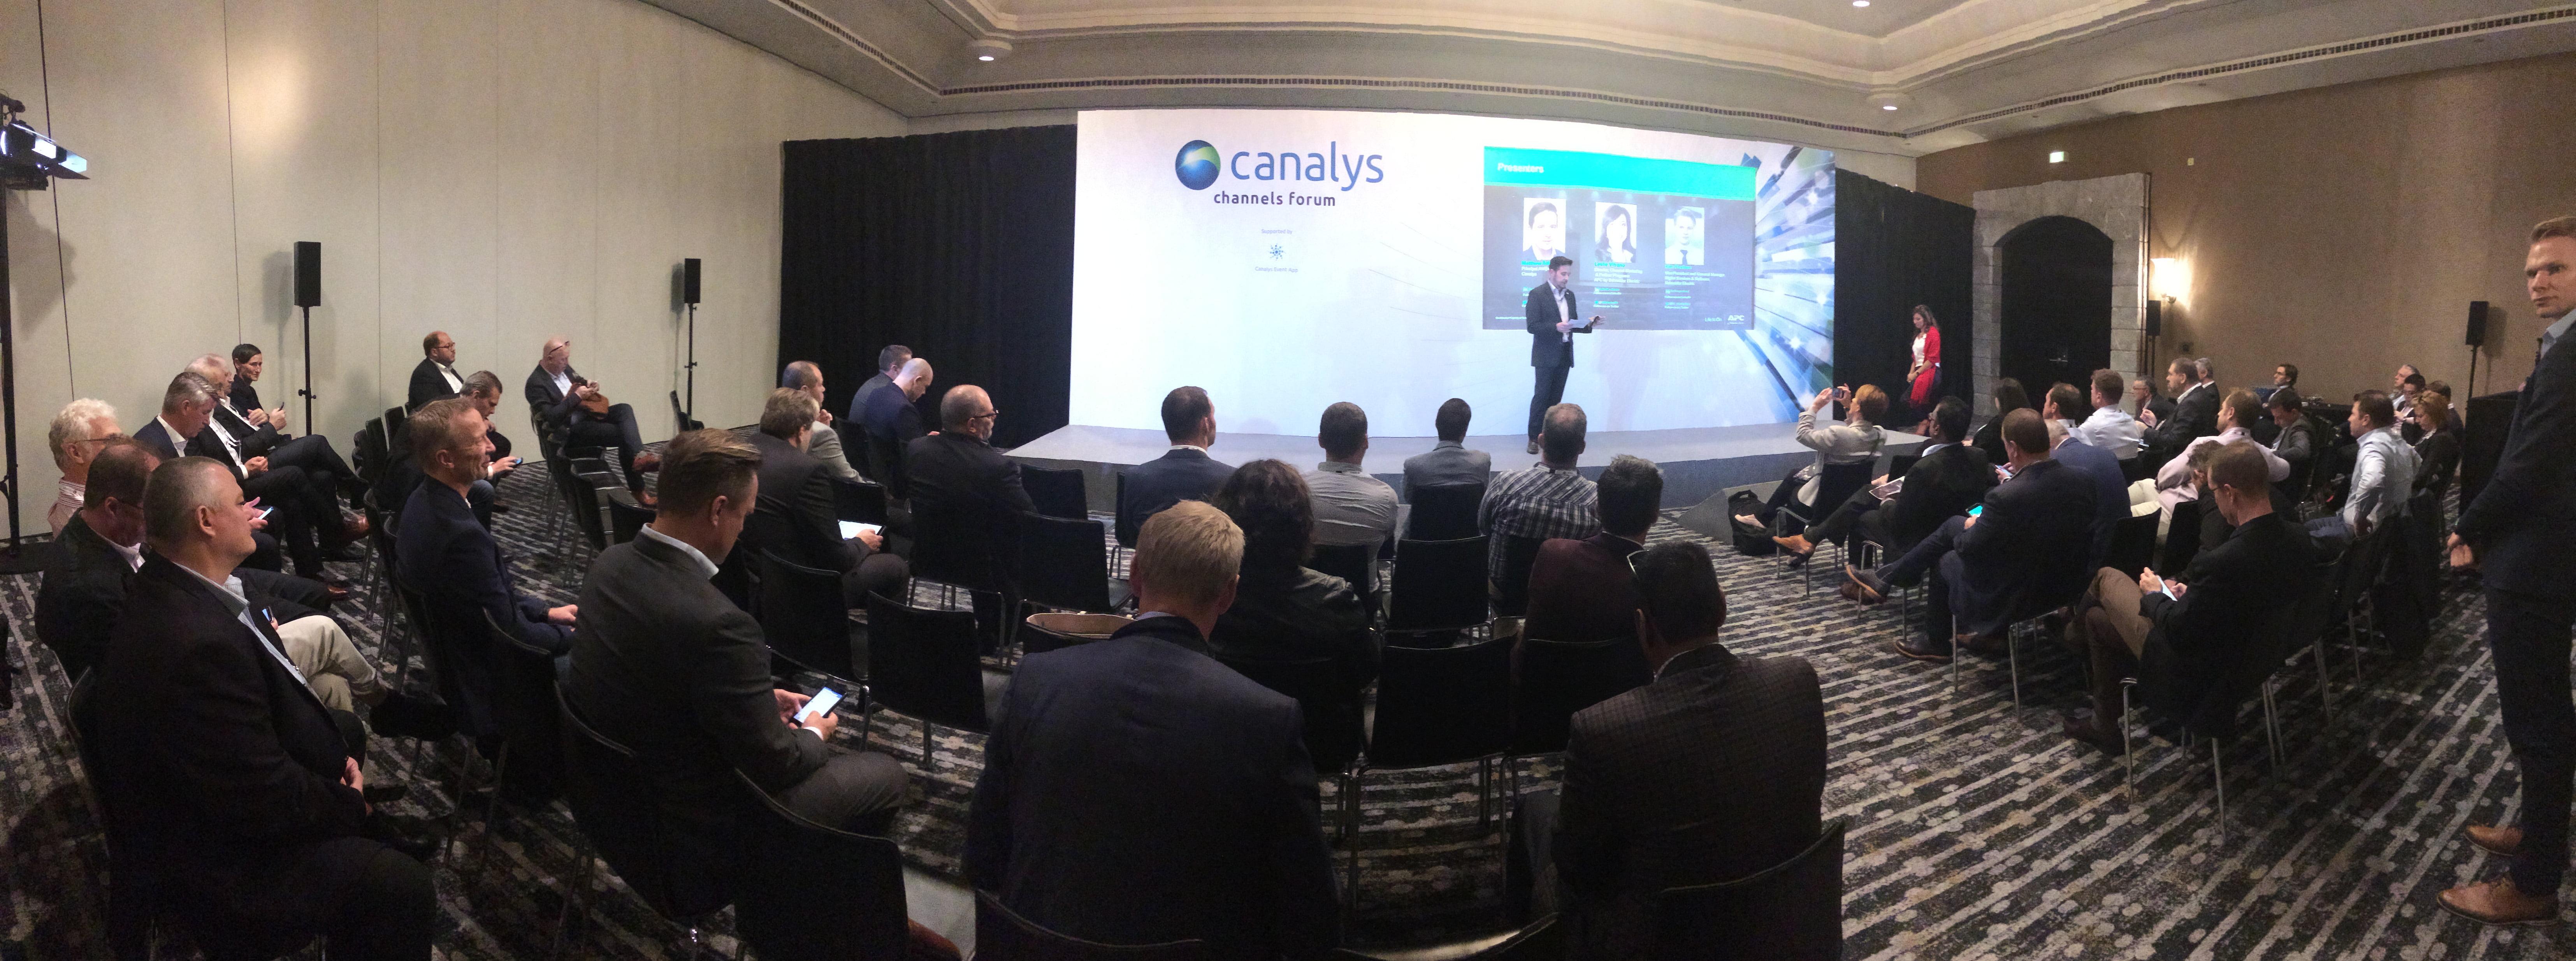 Ponencia APC EMA Canalys - Participamos en el certamen EMEA Canalys Channels Forum